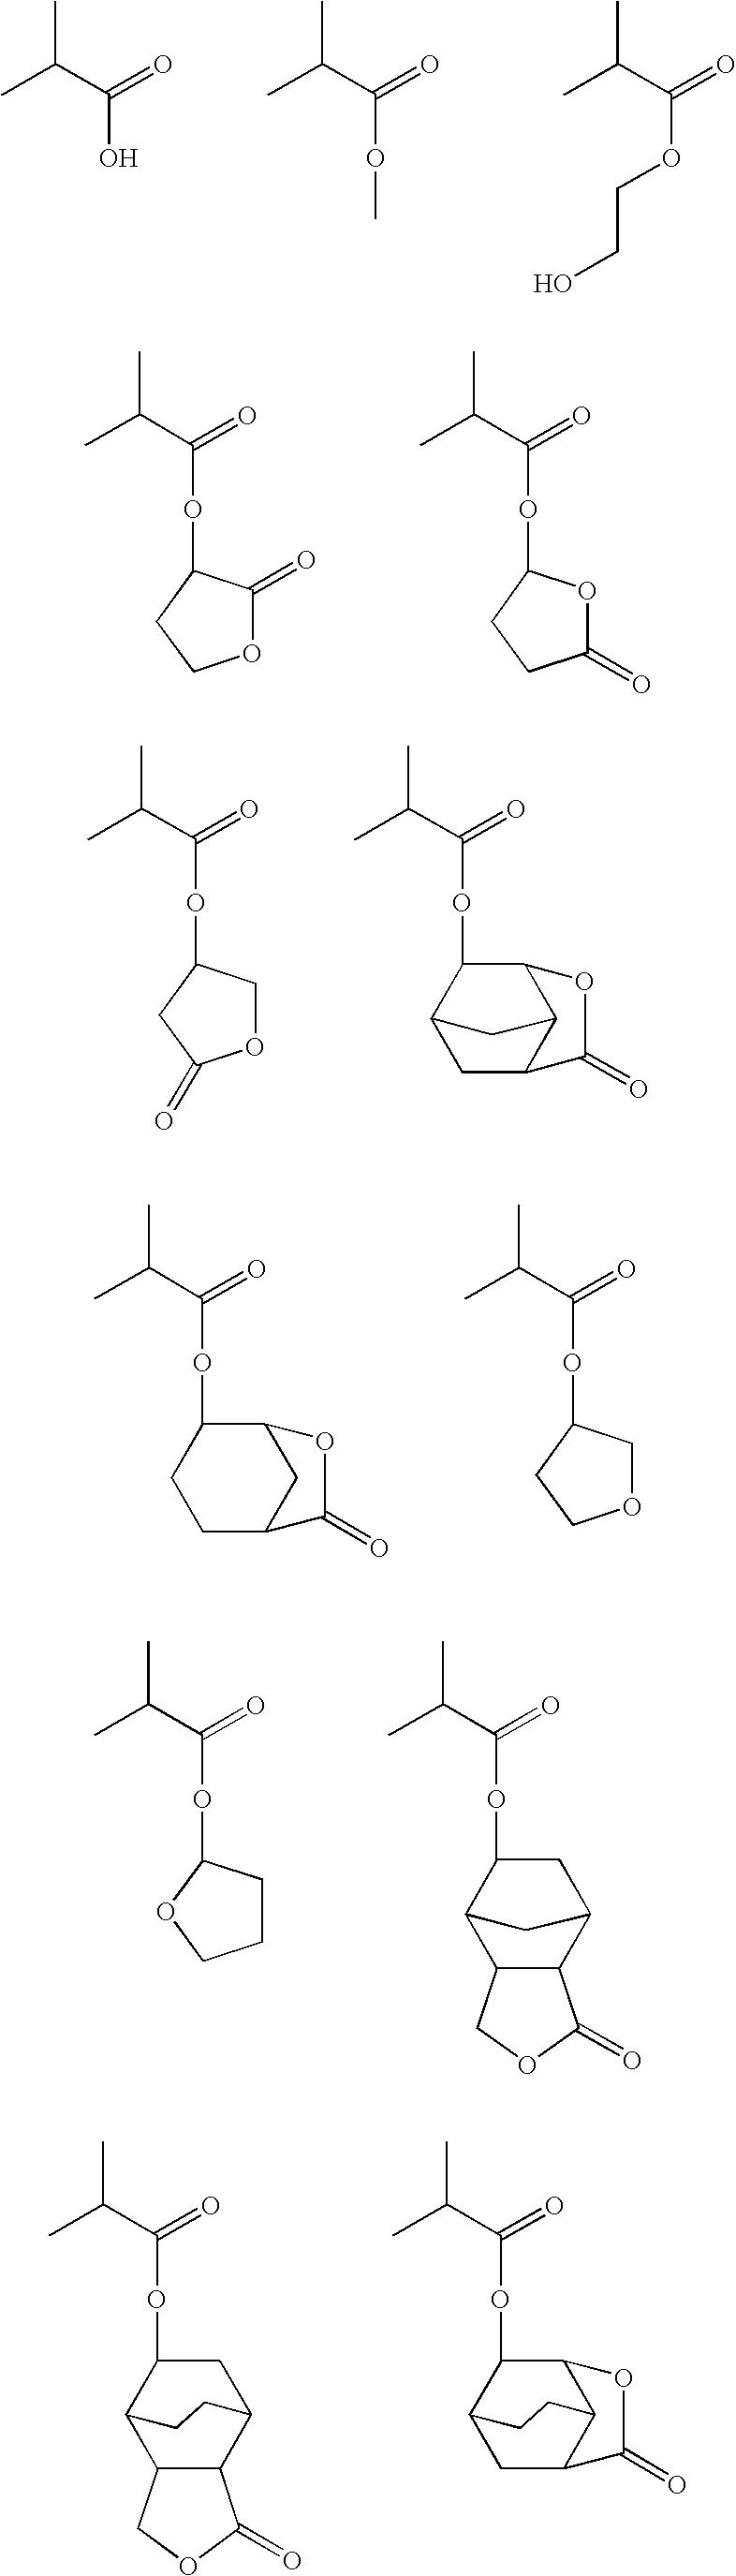 Figure US20100178617A1-20100715-C00031